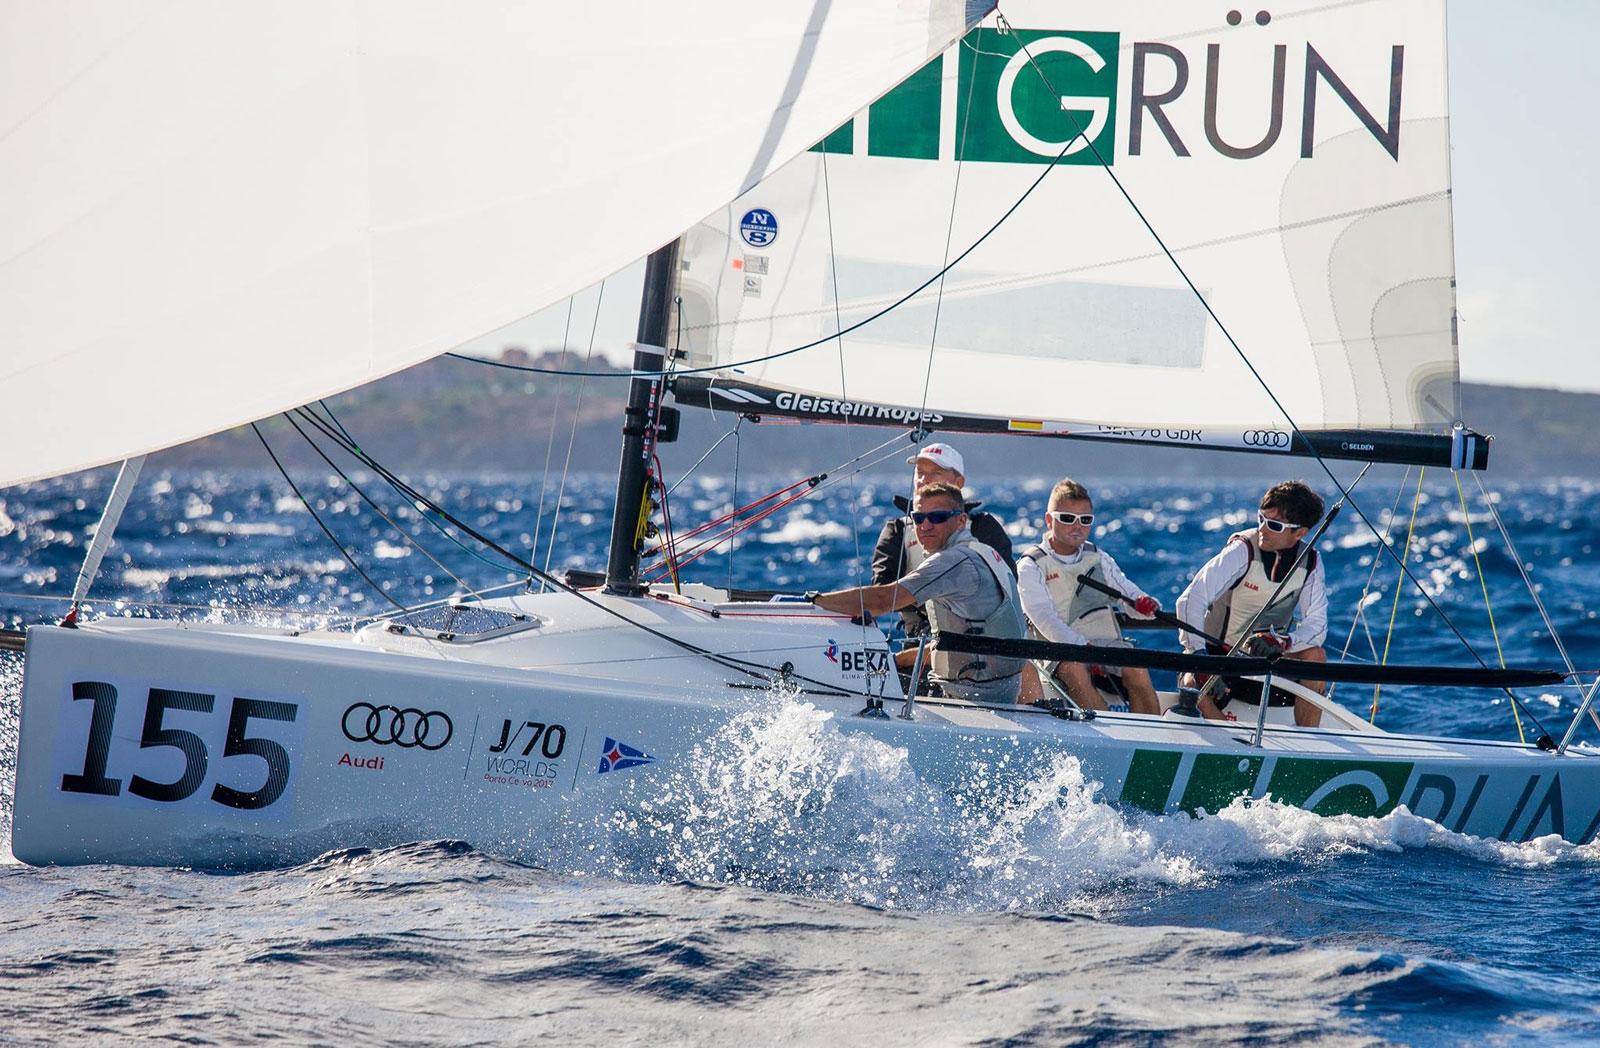 Das GRÜN Sailing Team wird auch 2018 wieder in See stechen und dabei von der GRÜN Software AG als Sponsor unterstützt.